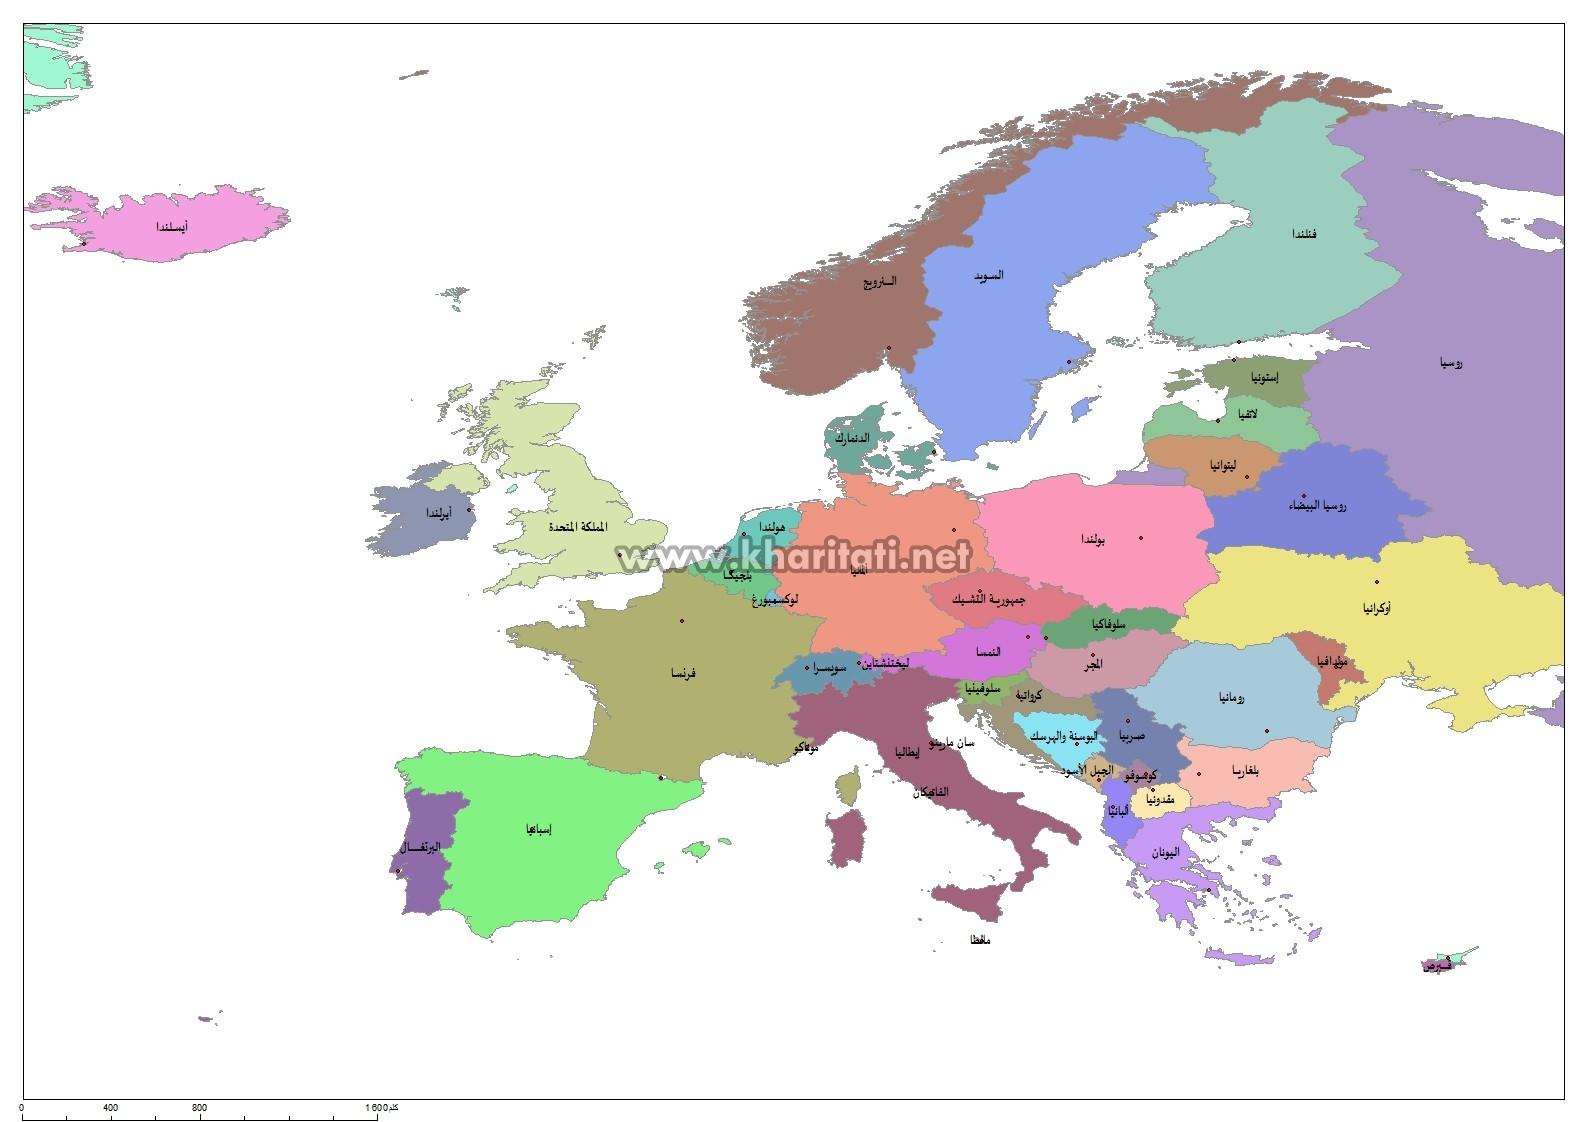 خريطة-اوروبا-سياسية-6.jpg